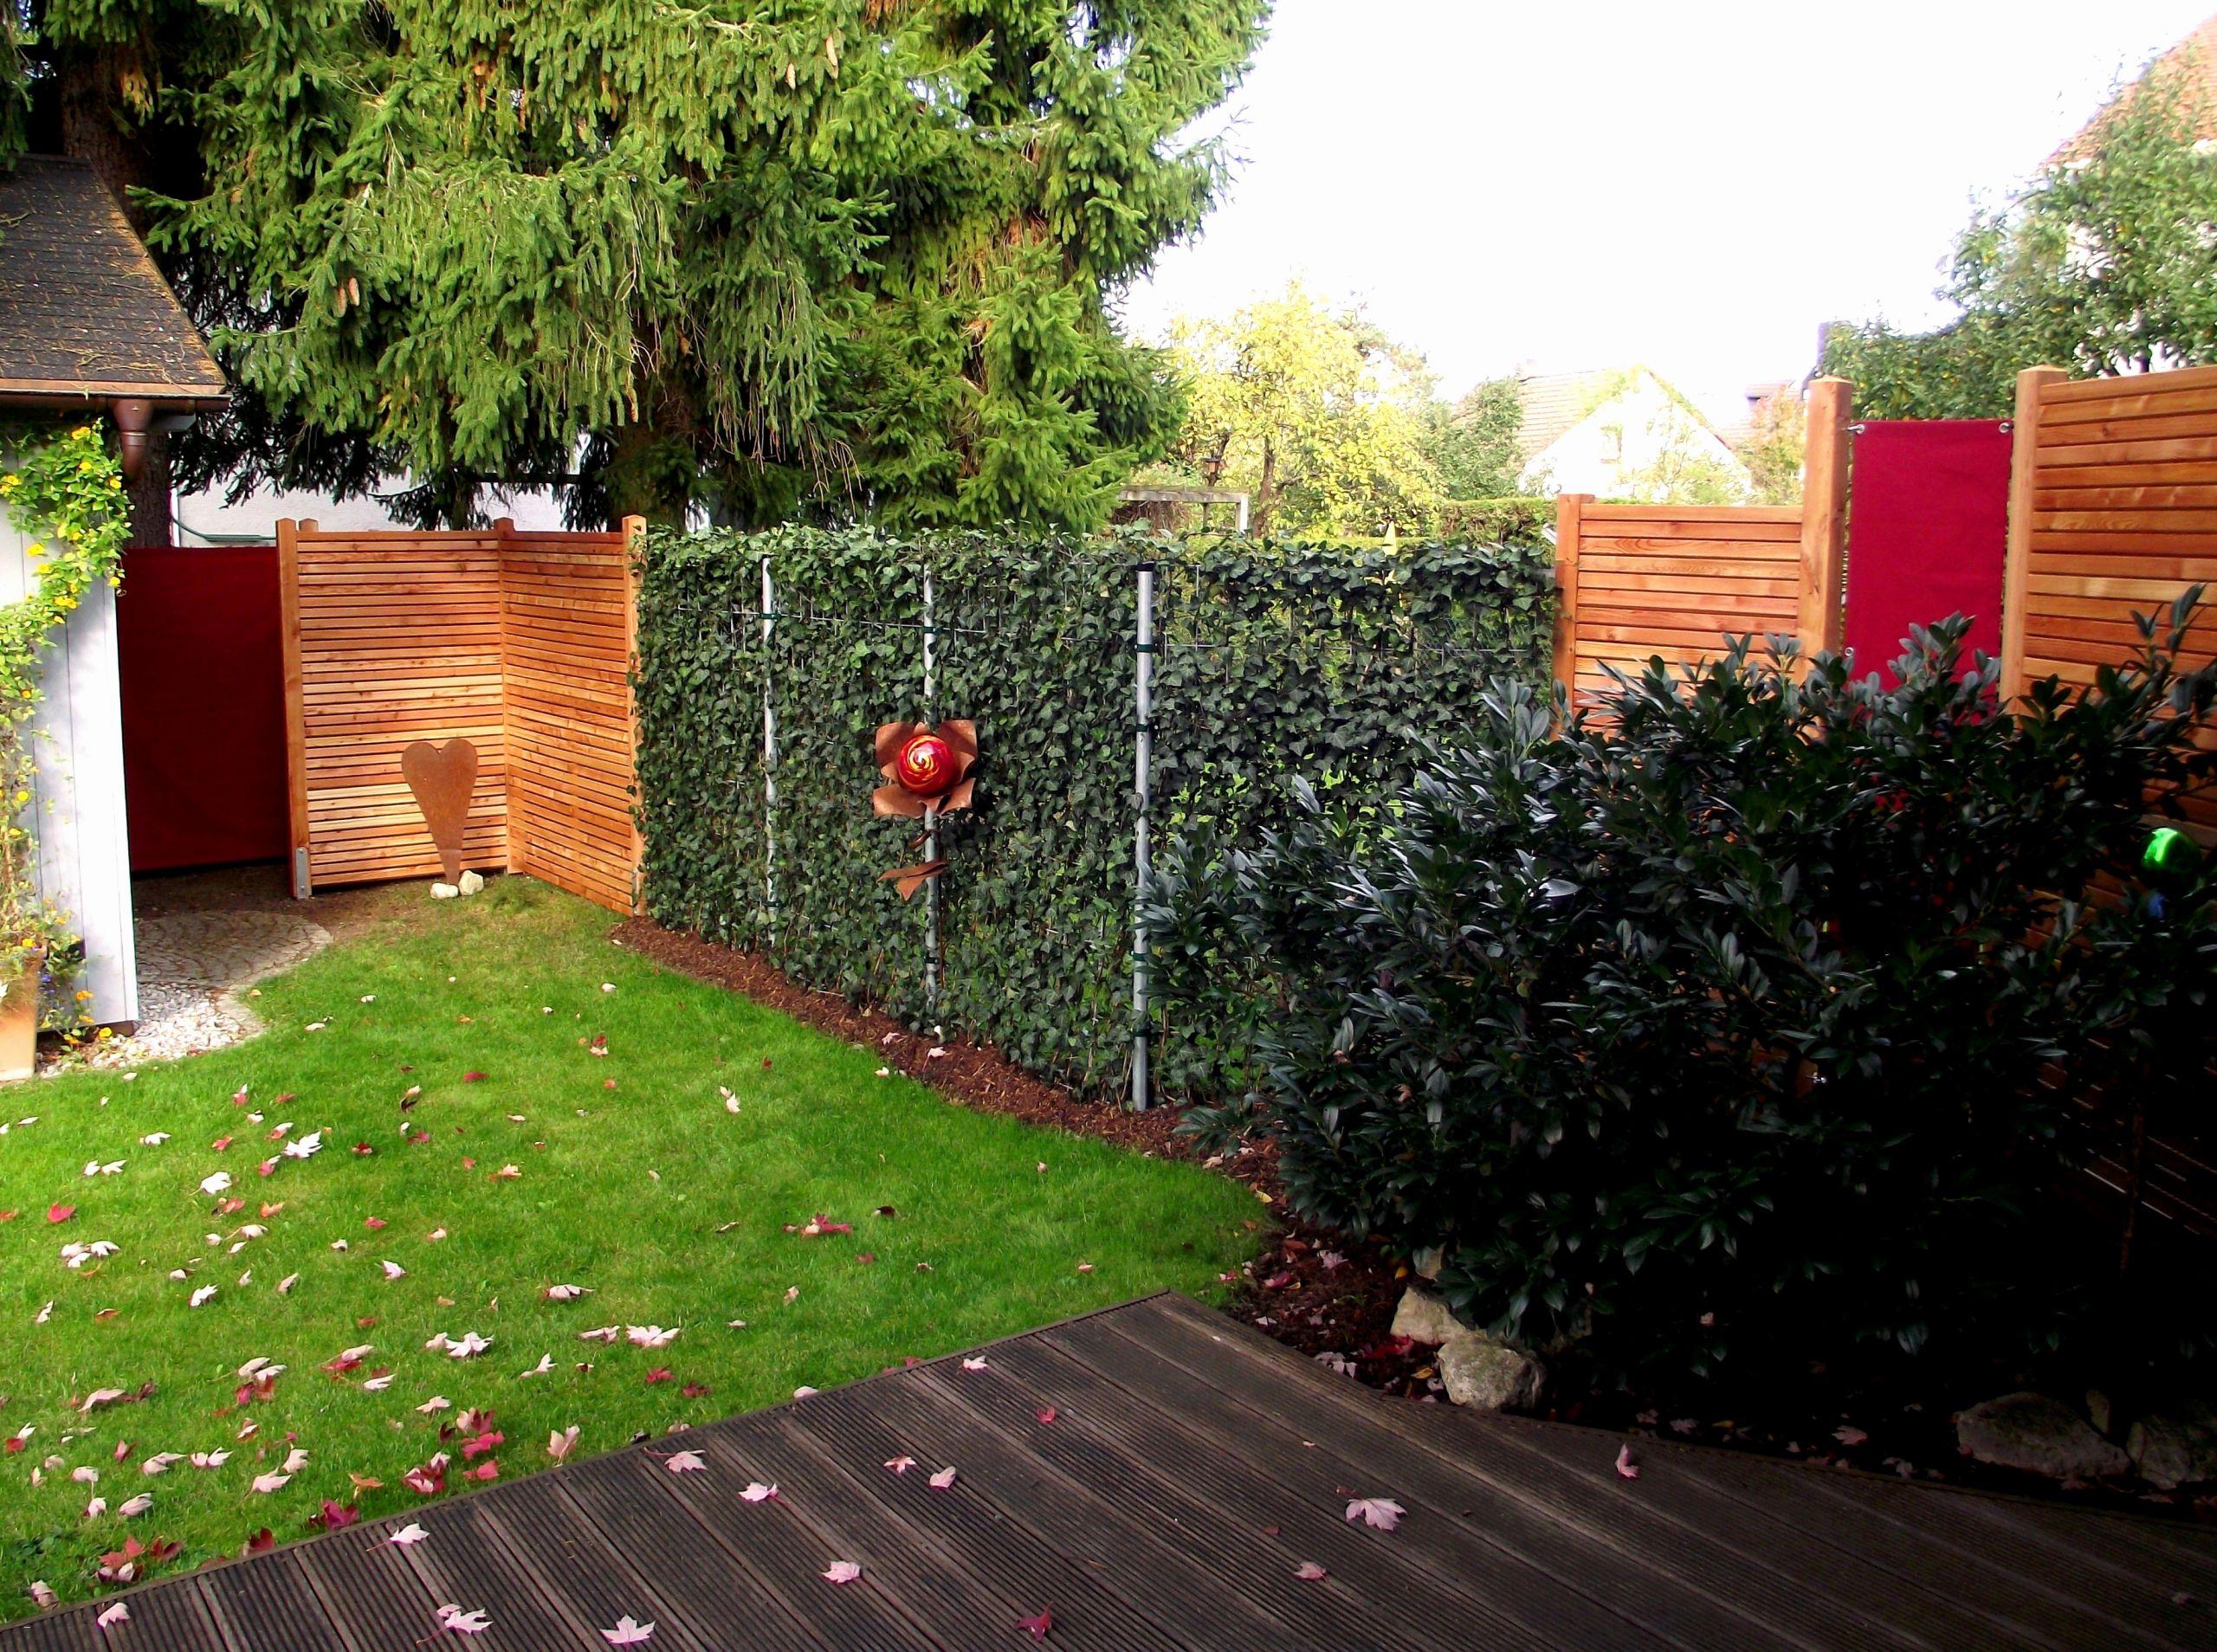 garden hedges luxury sichtschutz garten elegant beste schiebegardine blumenrispe i 0d zum of garden hedges